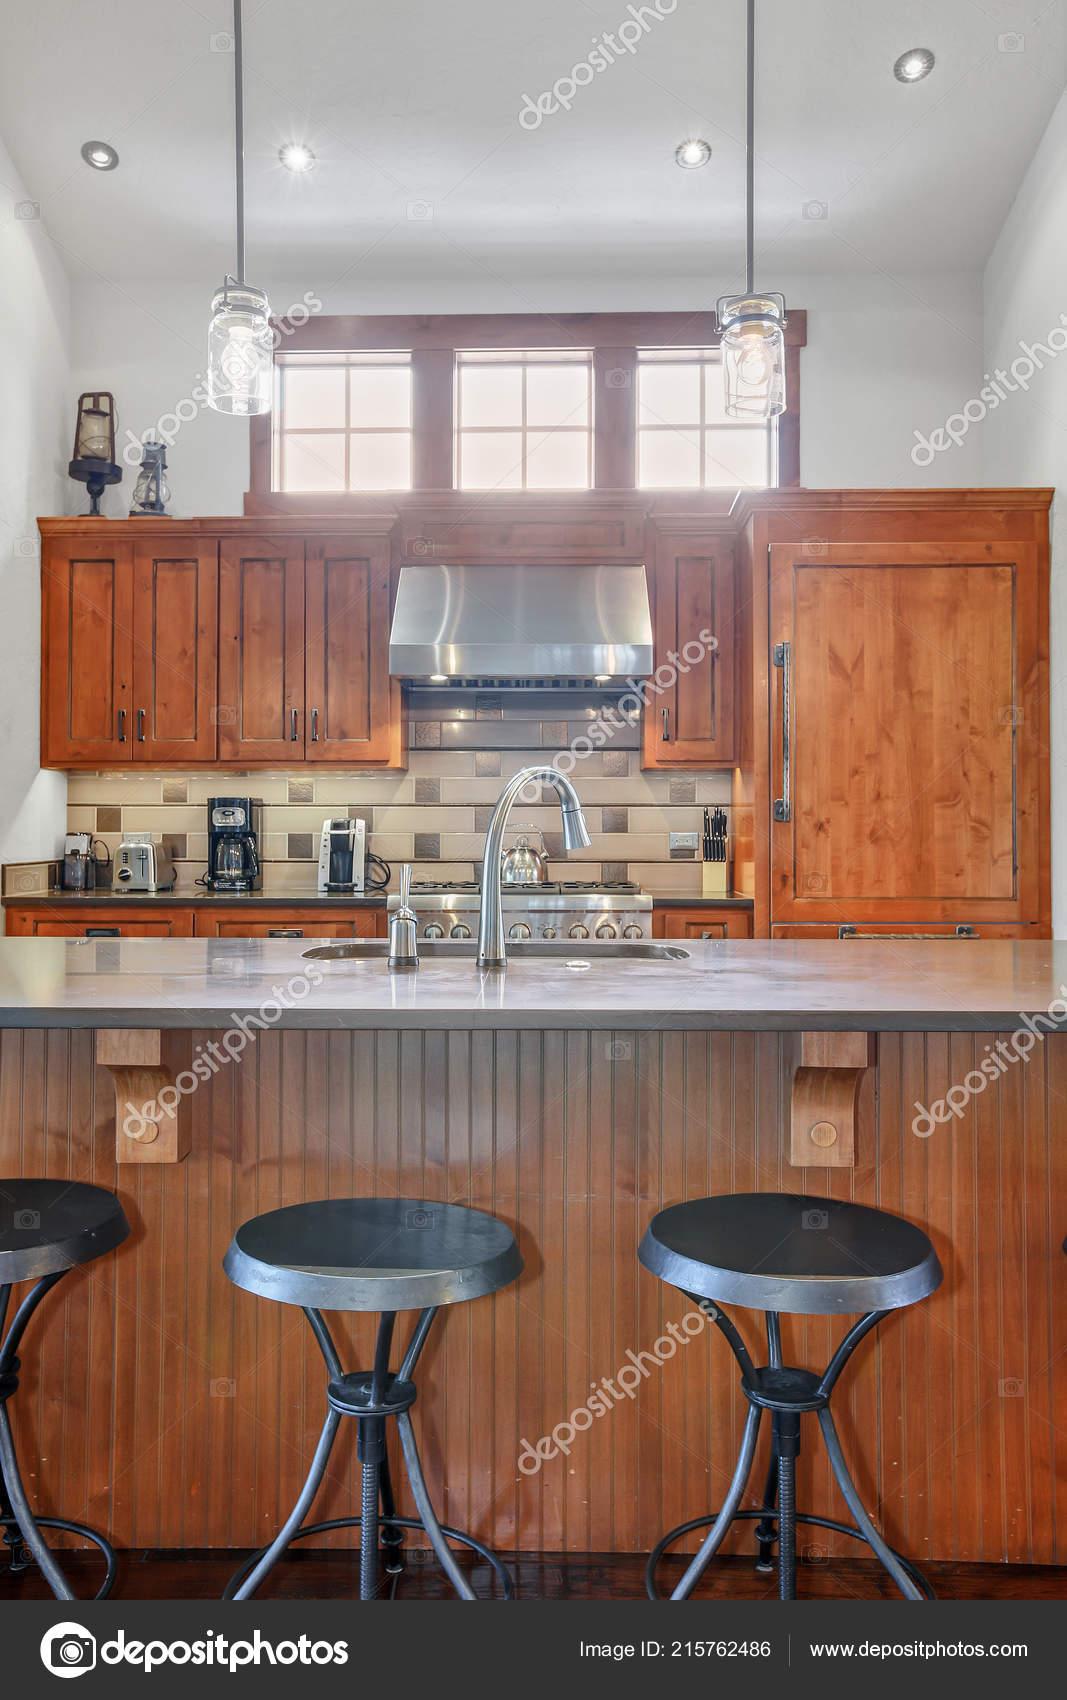 island kitchen hood resurfacing 可爱的厨房与不锈钢罩木柜和大中心岛 图库照片 c iriana88w 215762486